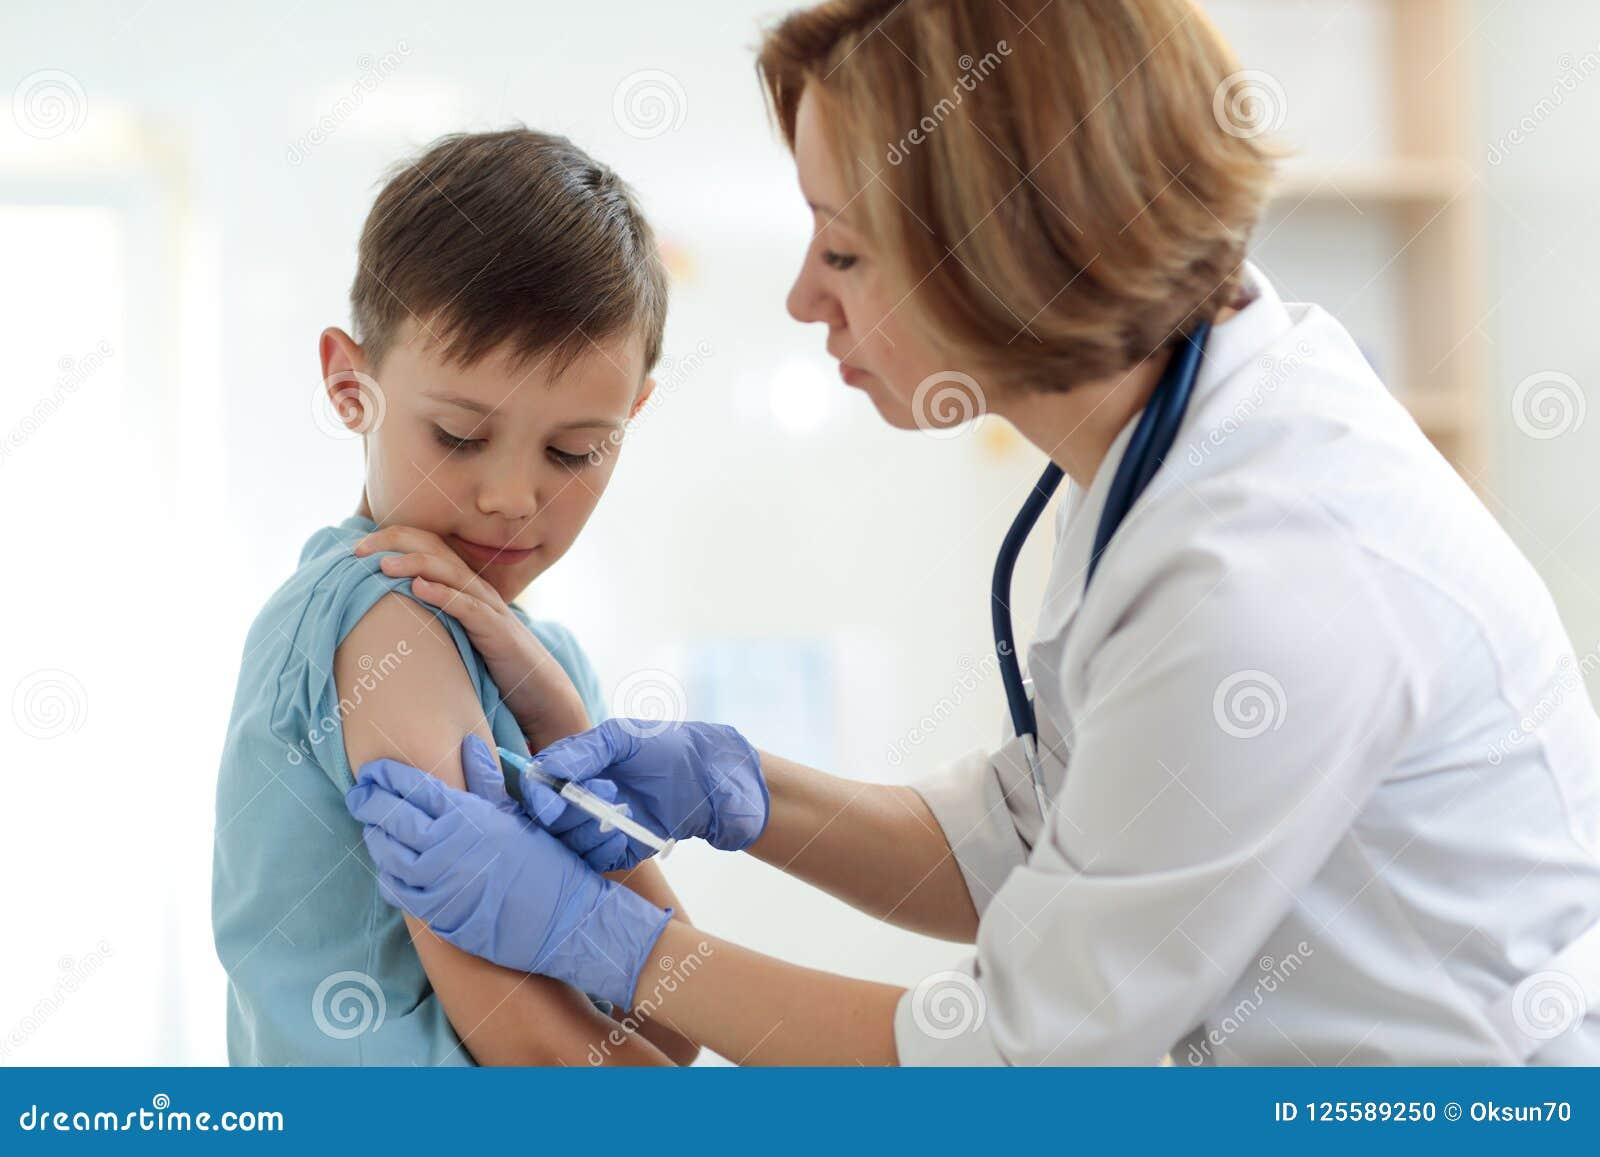 Ragazzo coraggioso che riceve iniezione o vaccino con un sorriso